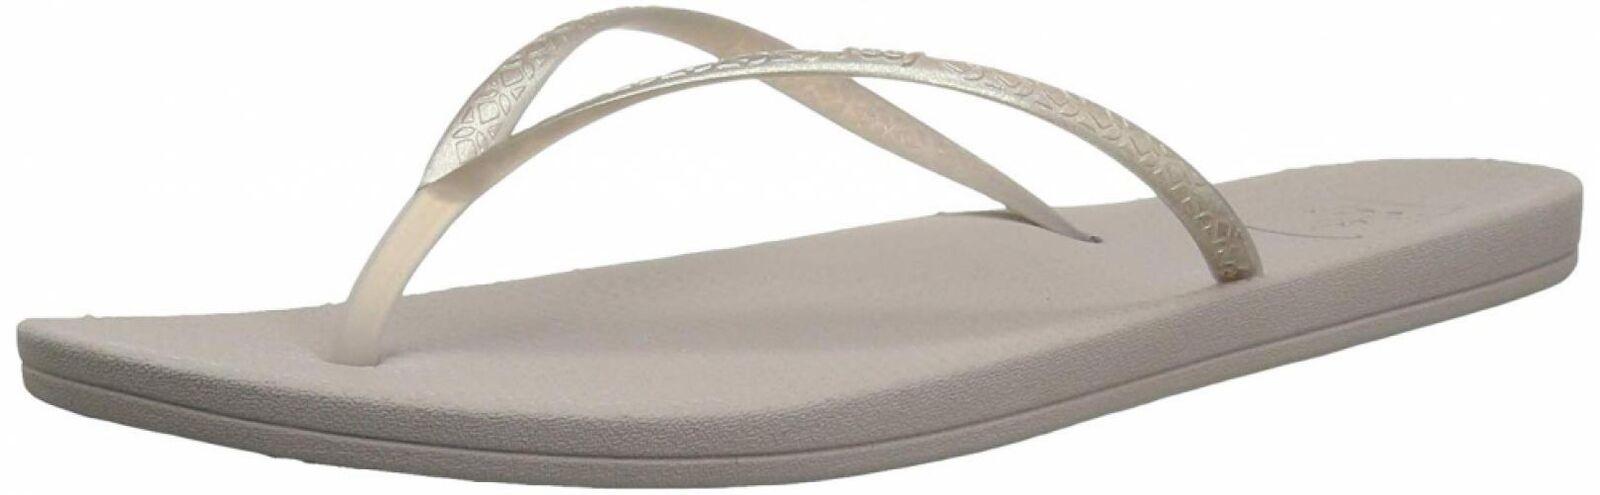 2449fa83fb832 Women s Lux Metals Flip-Flop Reef Escape ntakqb343-Women s Sandals ...